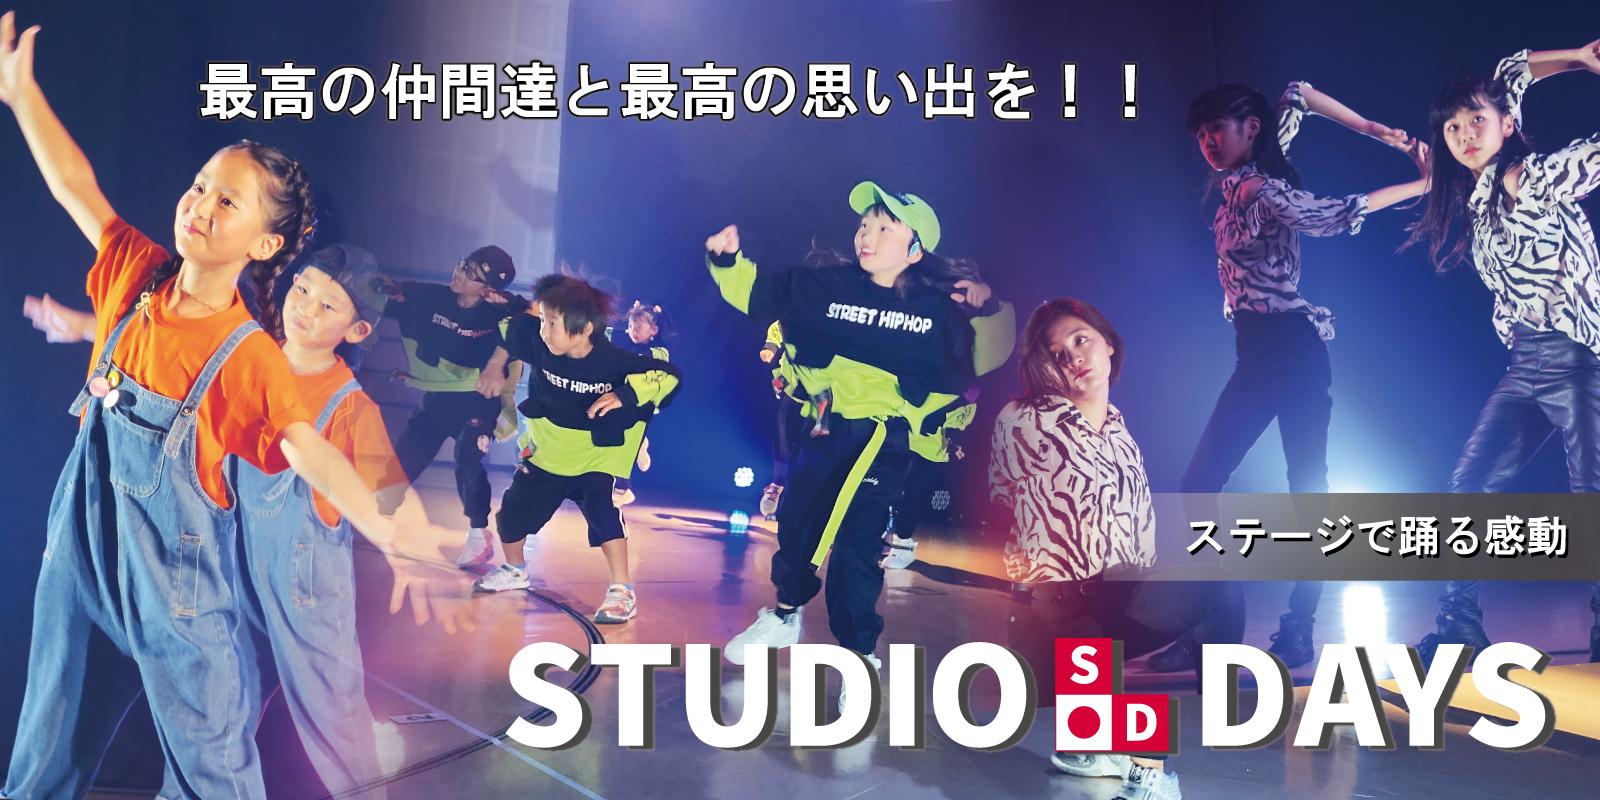 熊本のダンス教室スタジオデイズ